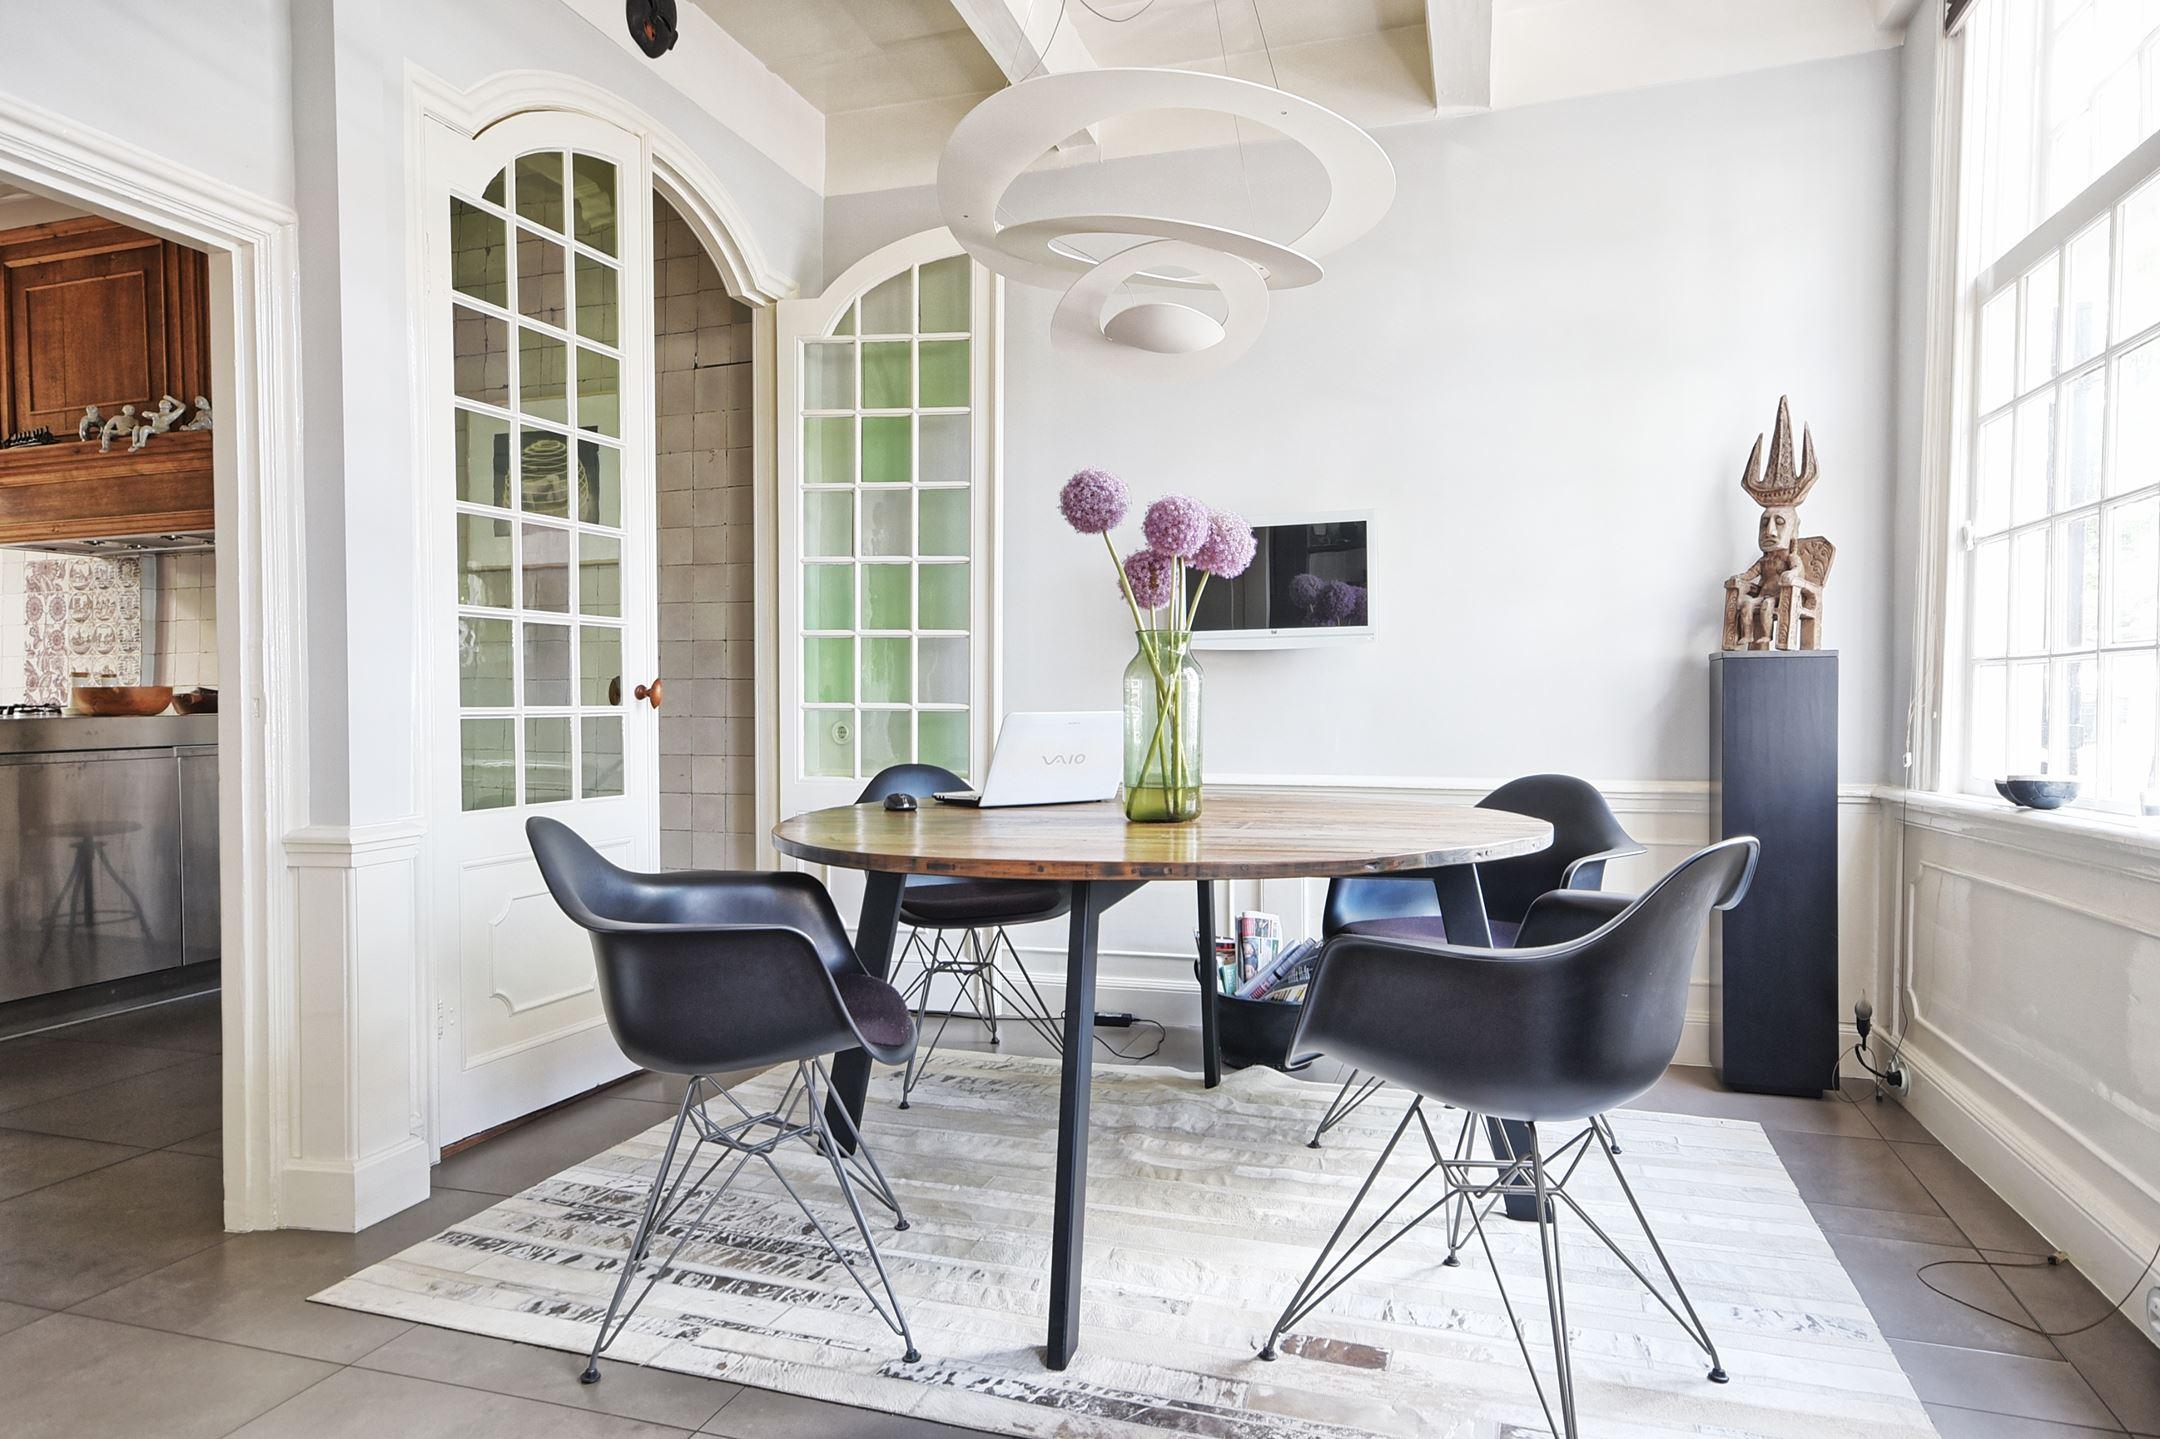 столовая обеденный стол стулья eames